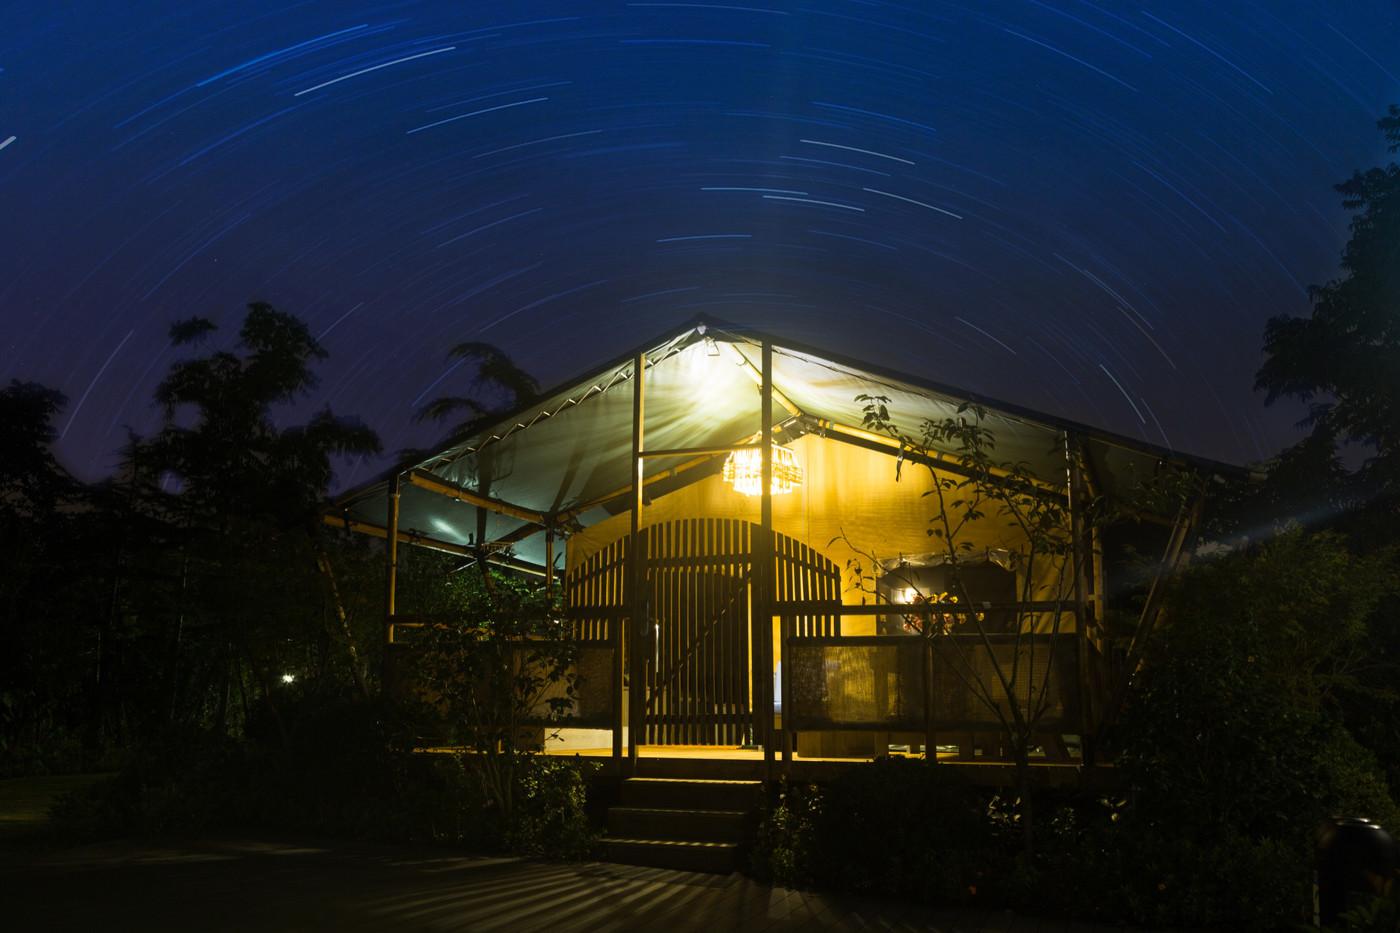 喜马拉雅上海迪士尼邻家营地—家庭房5